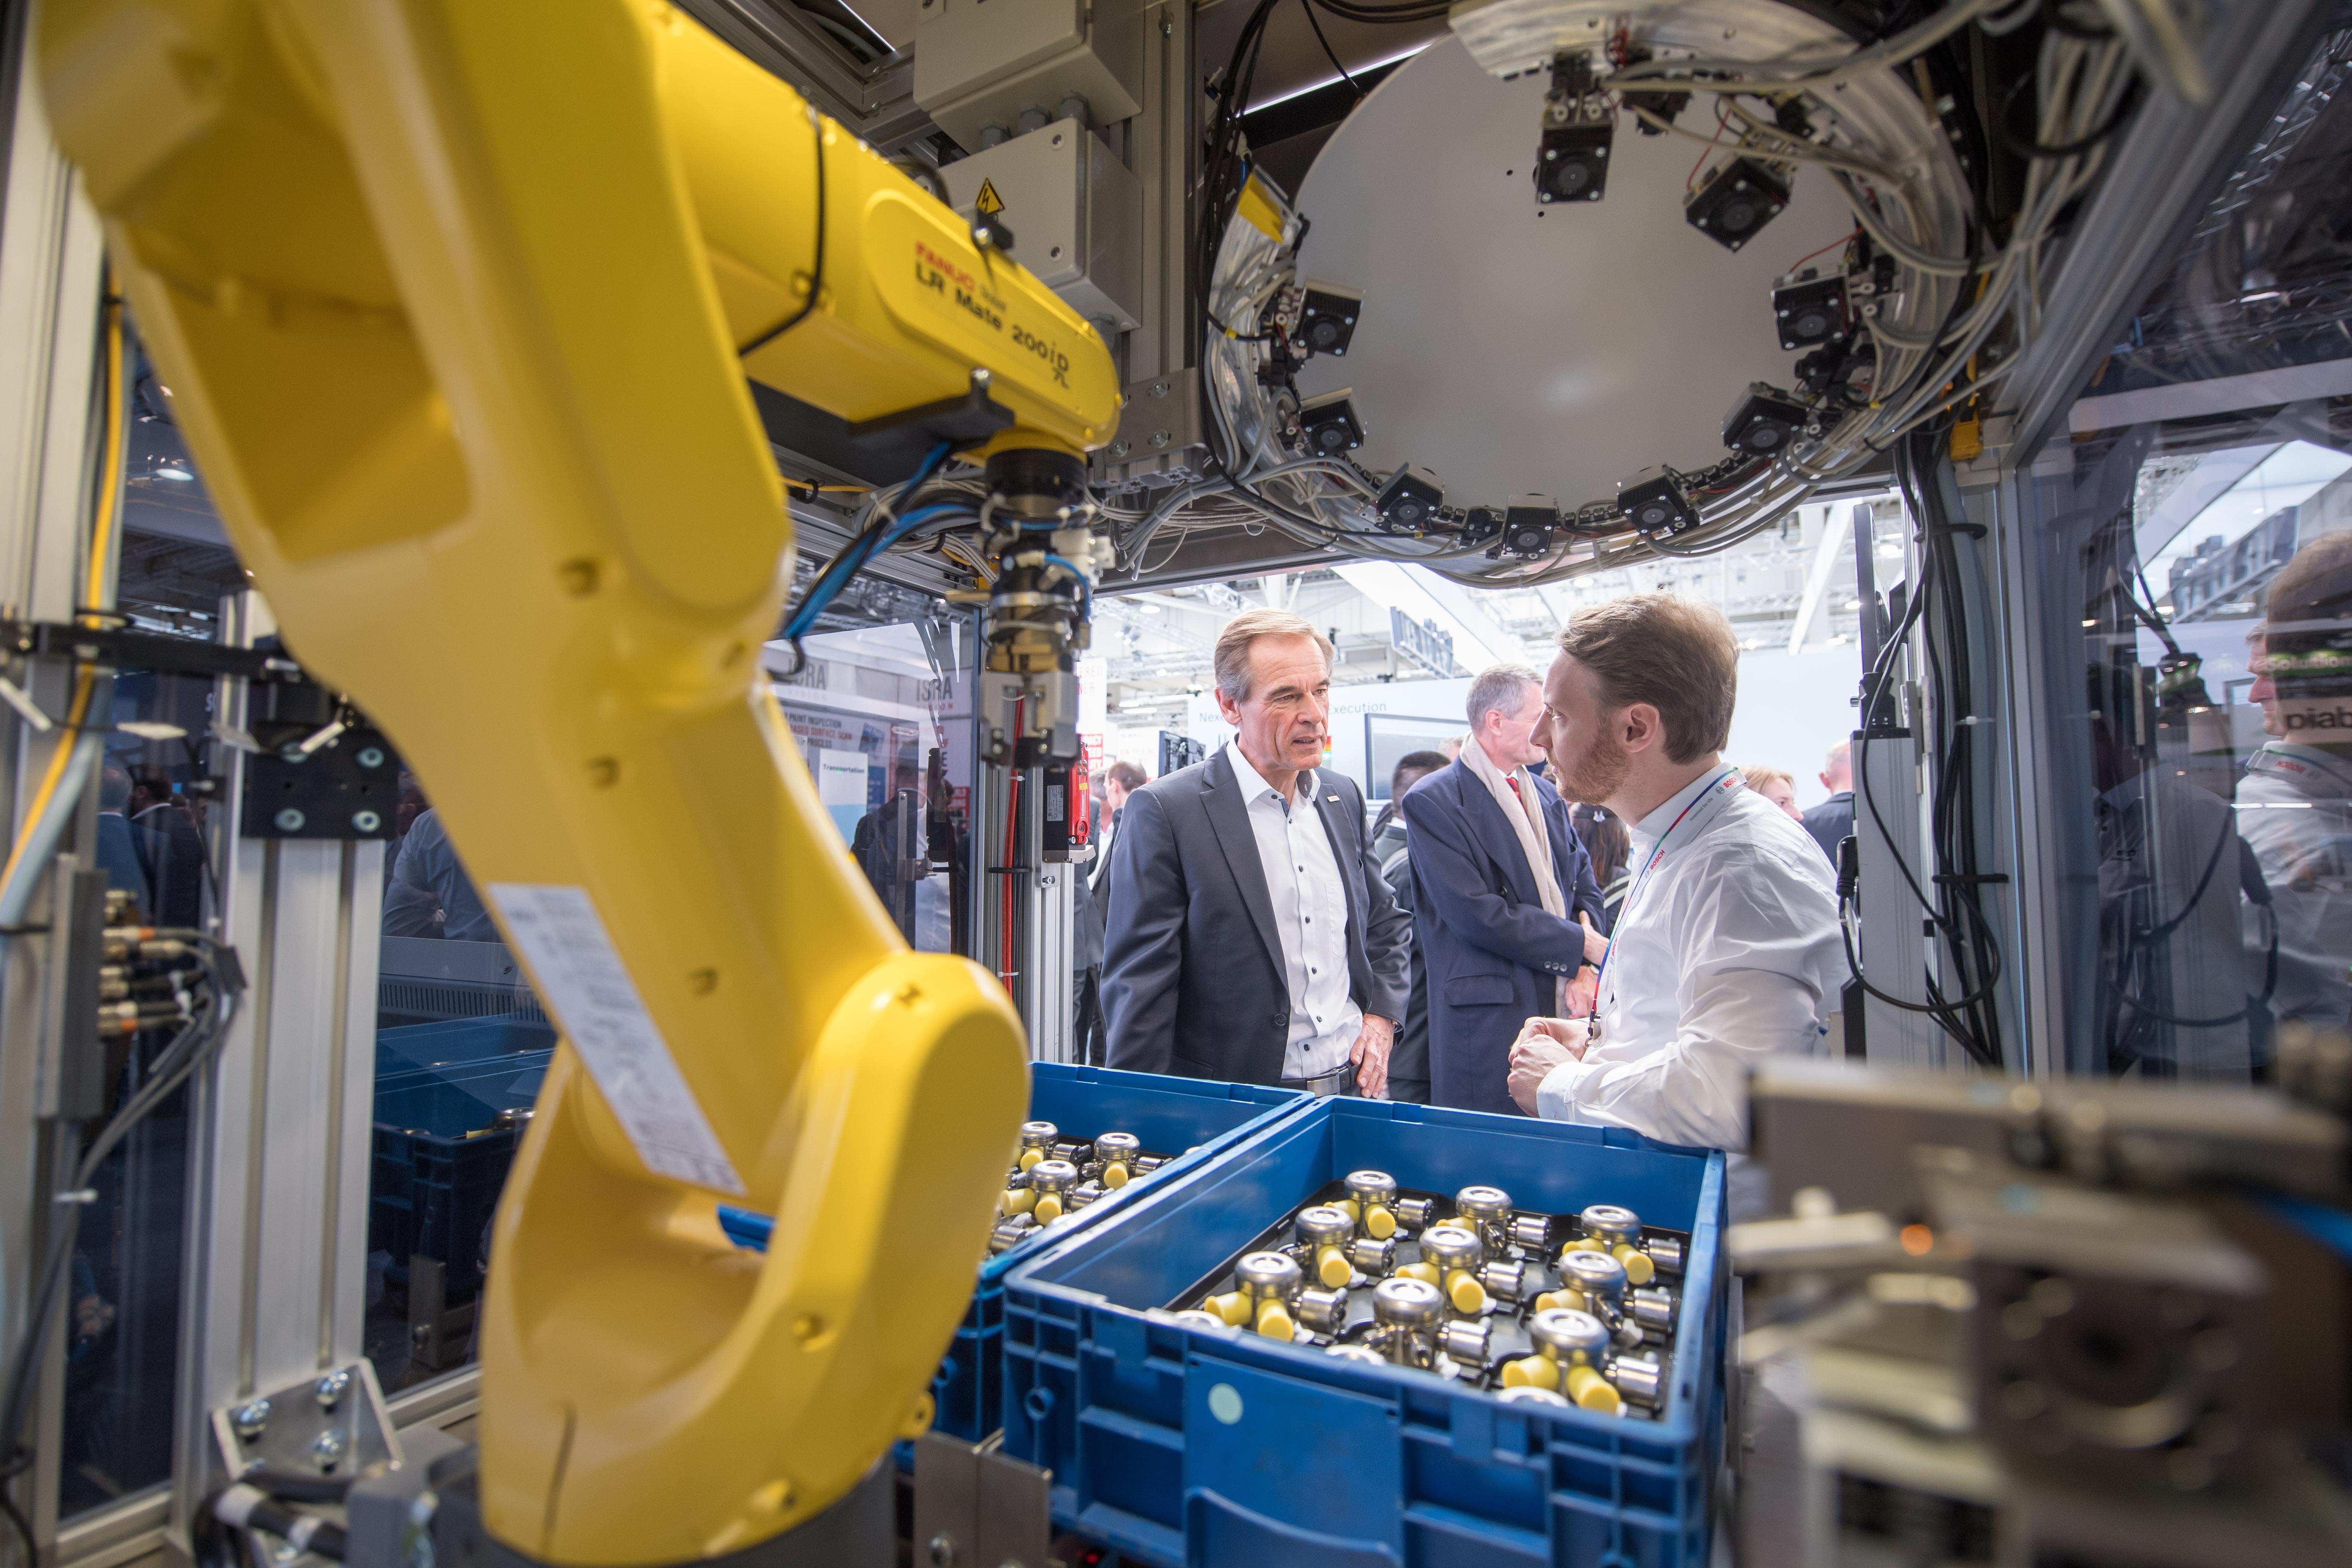 Na veletrhu Hannover Messe 2019 prezentuje Bosch svůj vlastní výzkumný projekt: Optická detekce chyb založená na AI